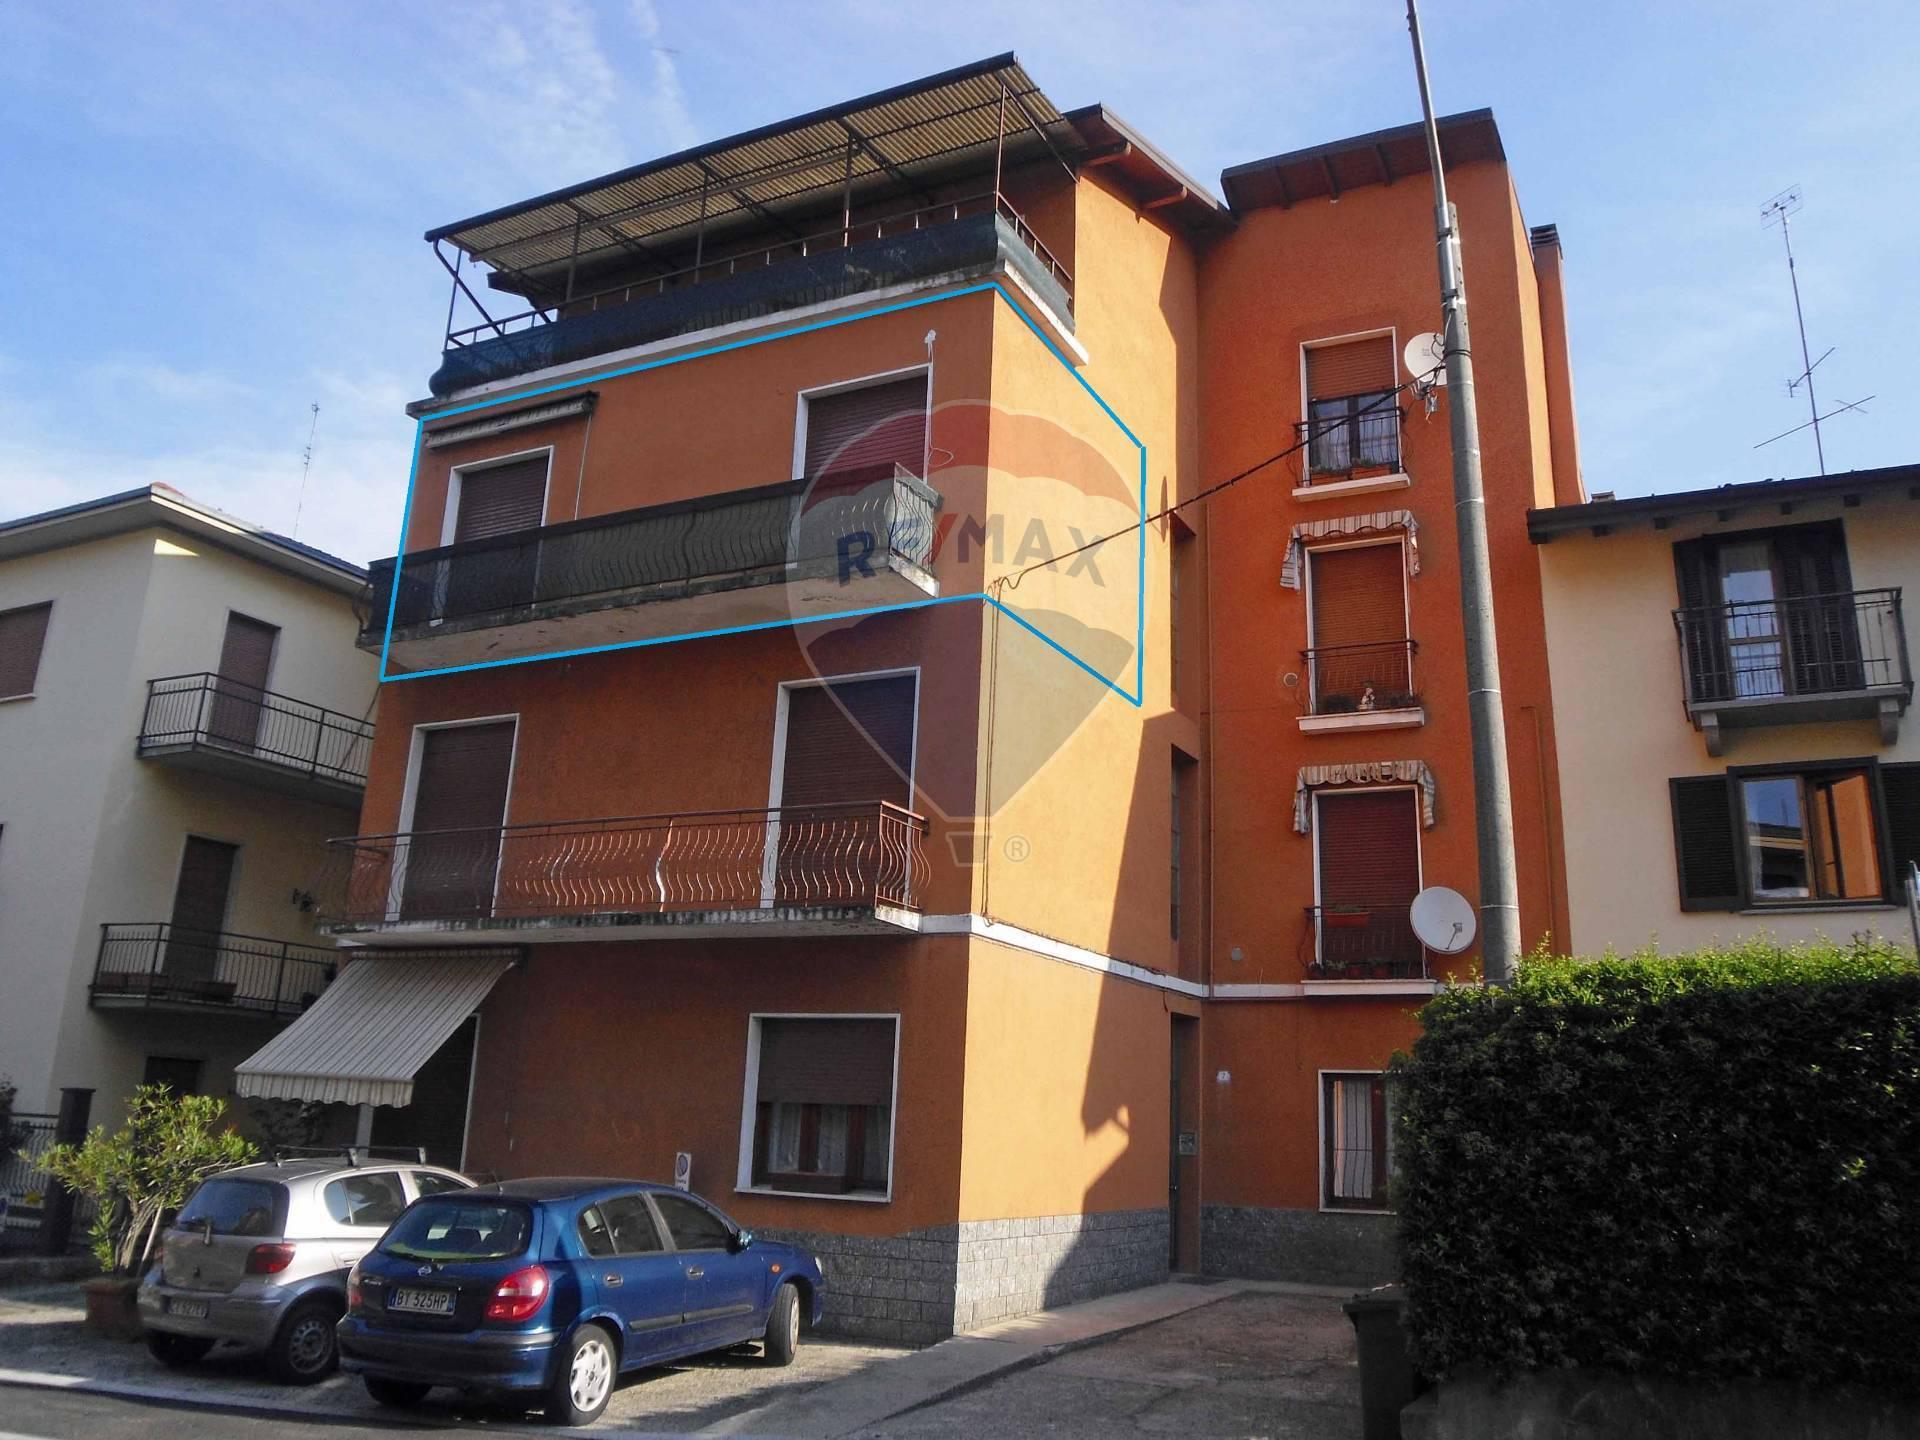 Appartamento in vendita a Luino, 4 locali, prezzo € 79.000 | CambioCasa.it